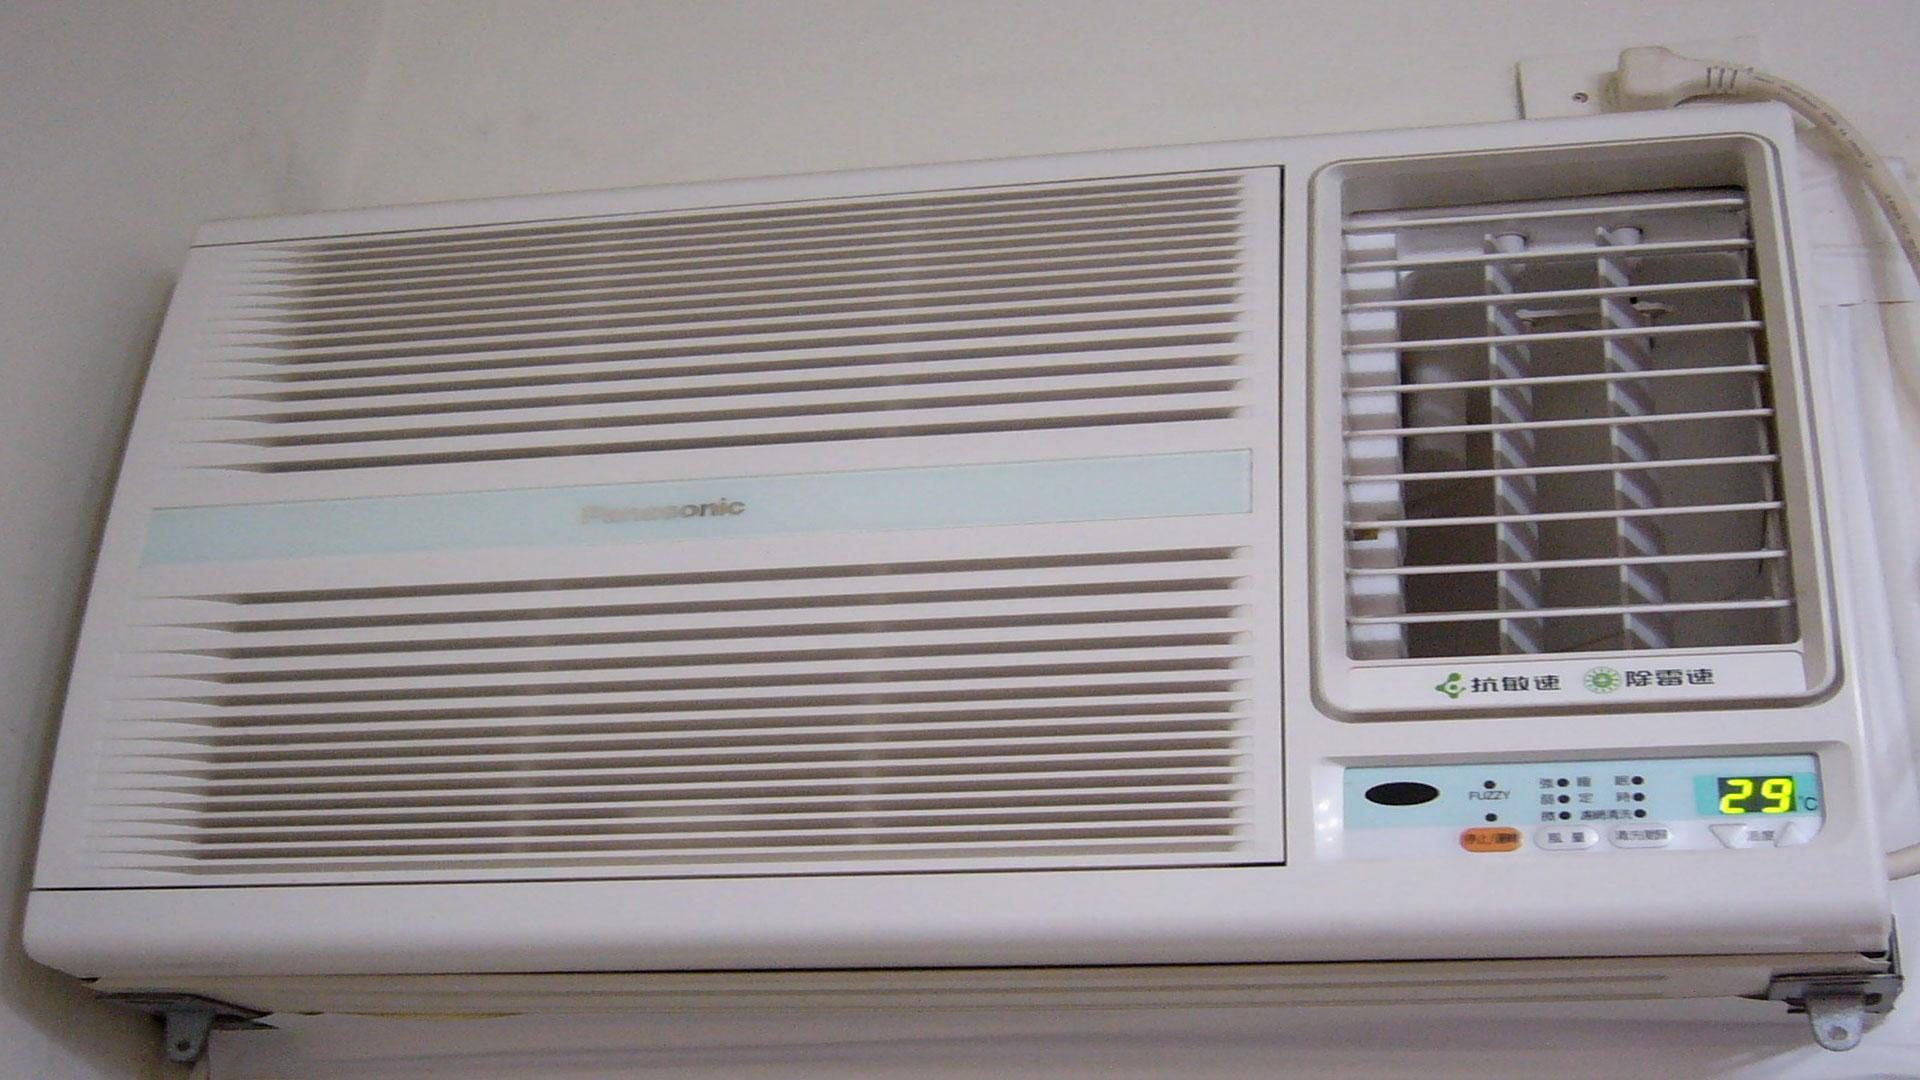 6-consejos-para-un-correcto-uso-del-aire-acondicionado-1920